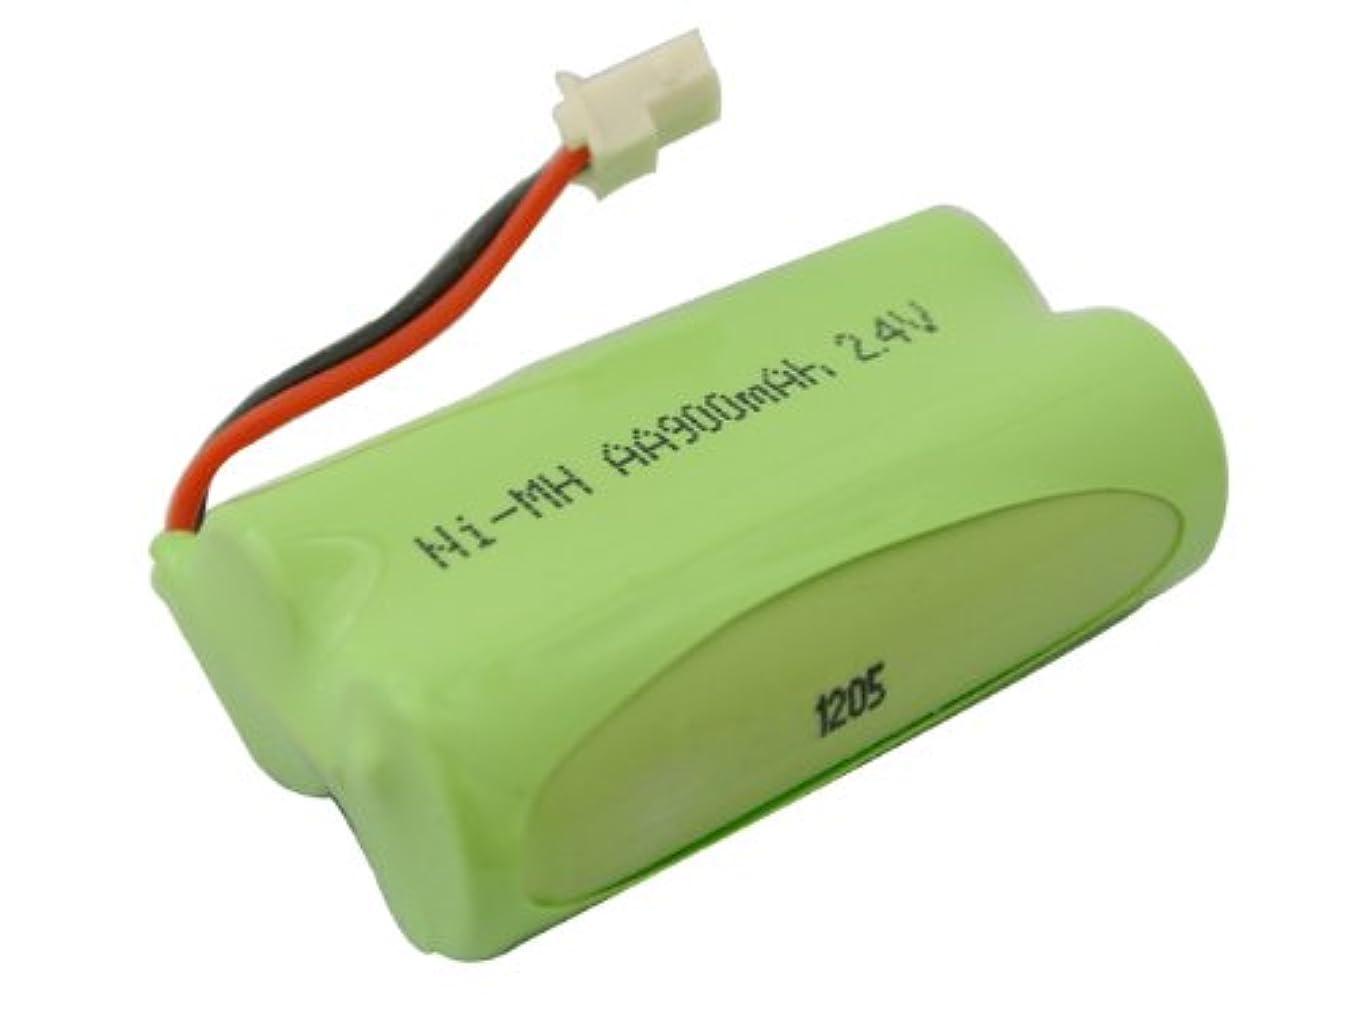 ベリ実施するずんぐりした【掘出】サンヨー ( SANYO ) コードレス子機用充電池 【 NTL-14 / HHR-T315 / BK-T315 対応互換電池 】